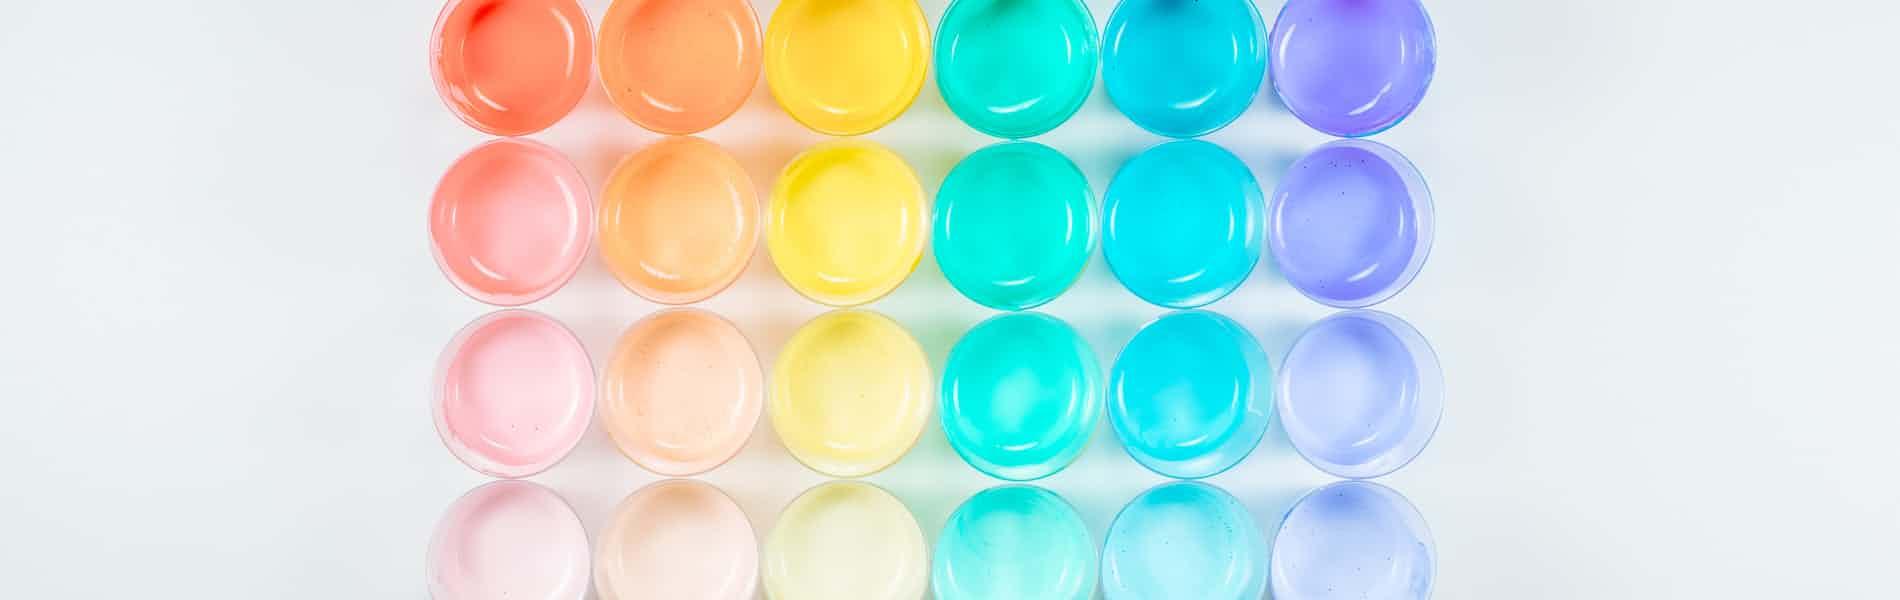 תרופות פסיכואקטיביות – לא מה שחשבתם: מבוא